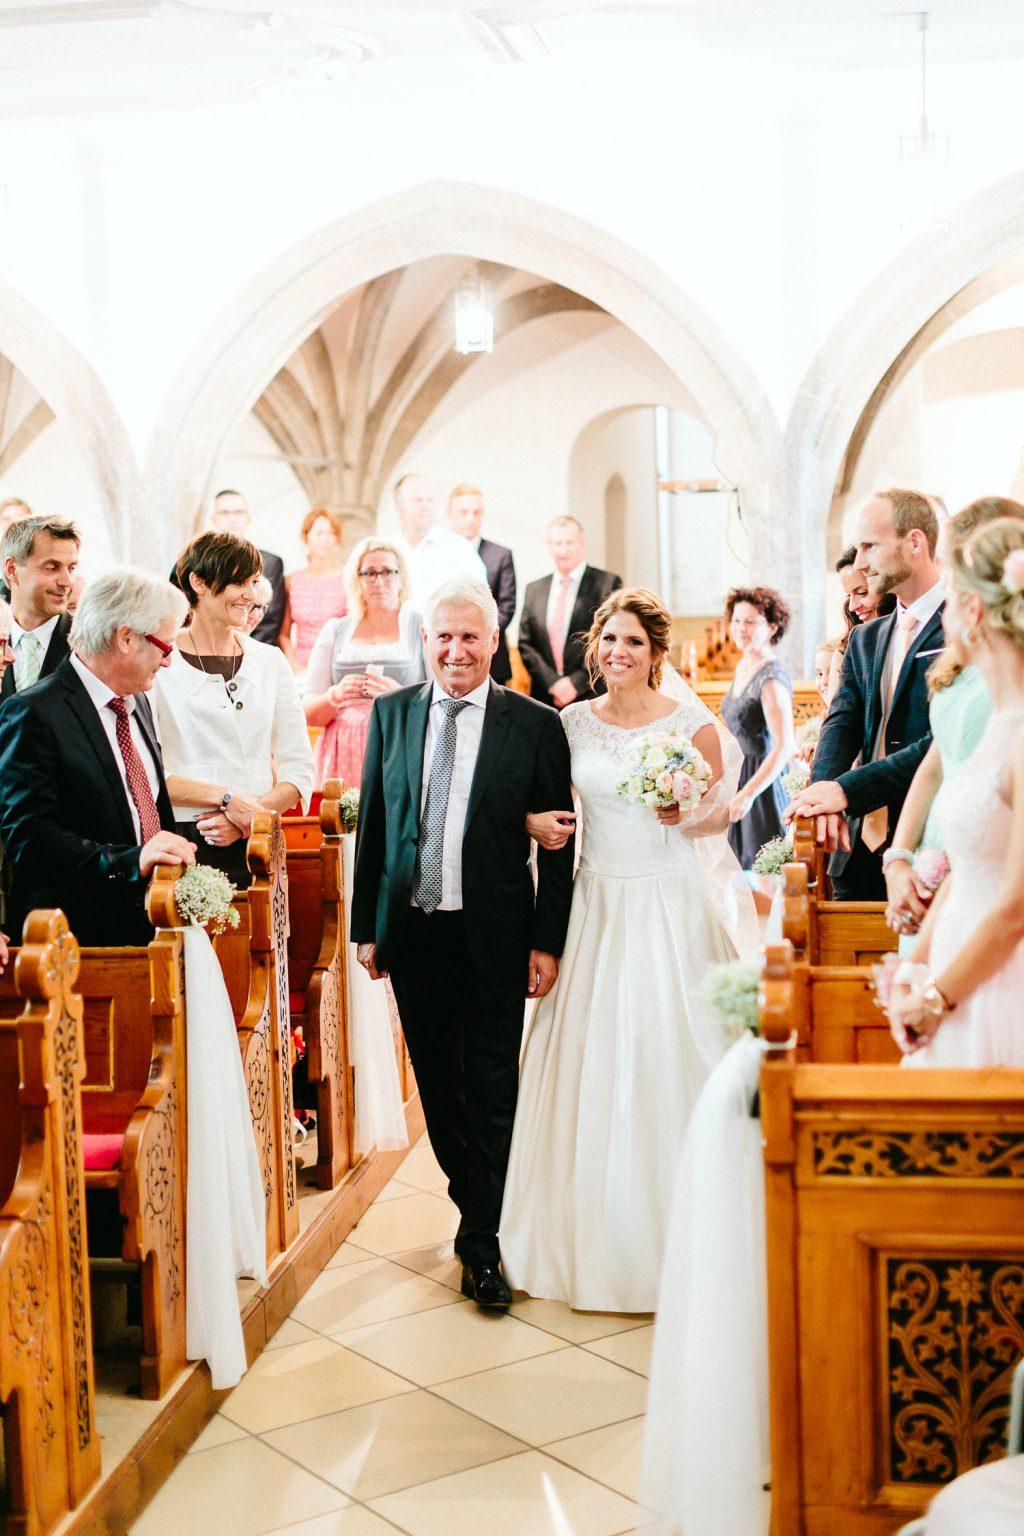 Theresa+Matthias - TM-Hochzeit-Kletzmayrhof-041.jpg